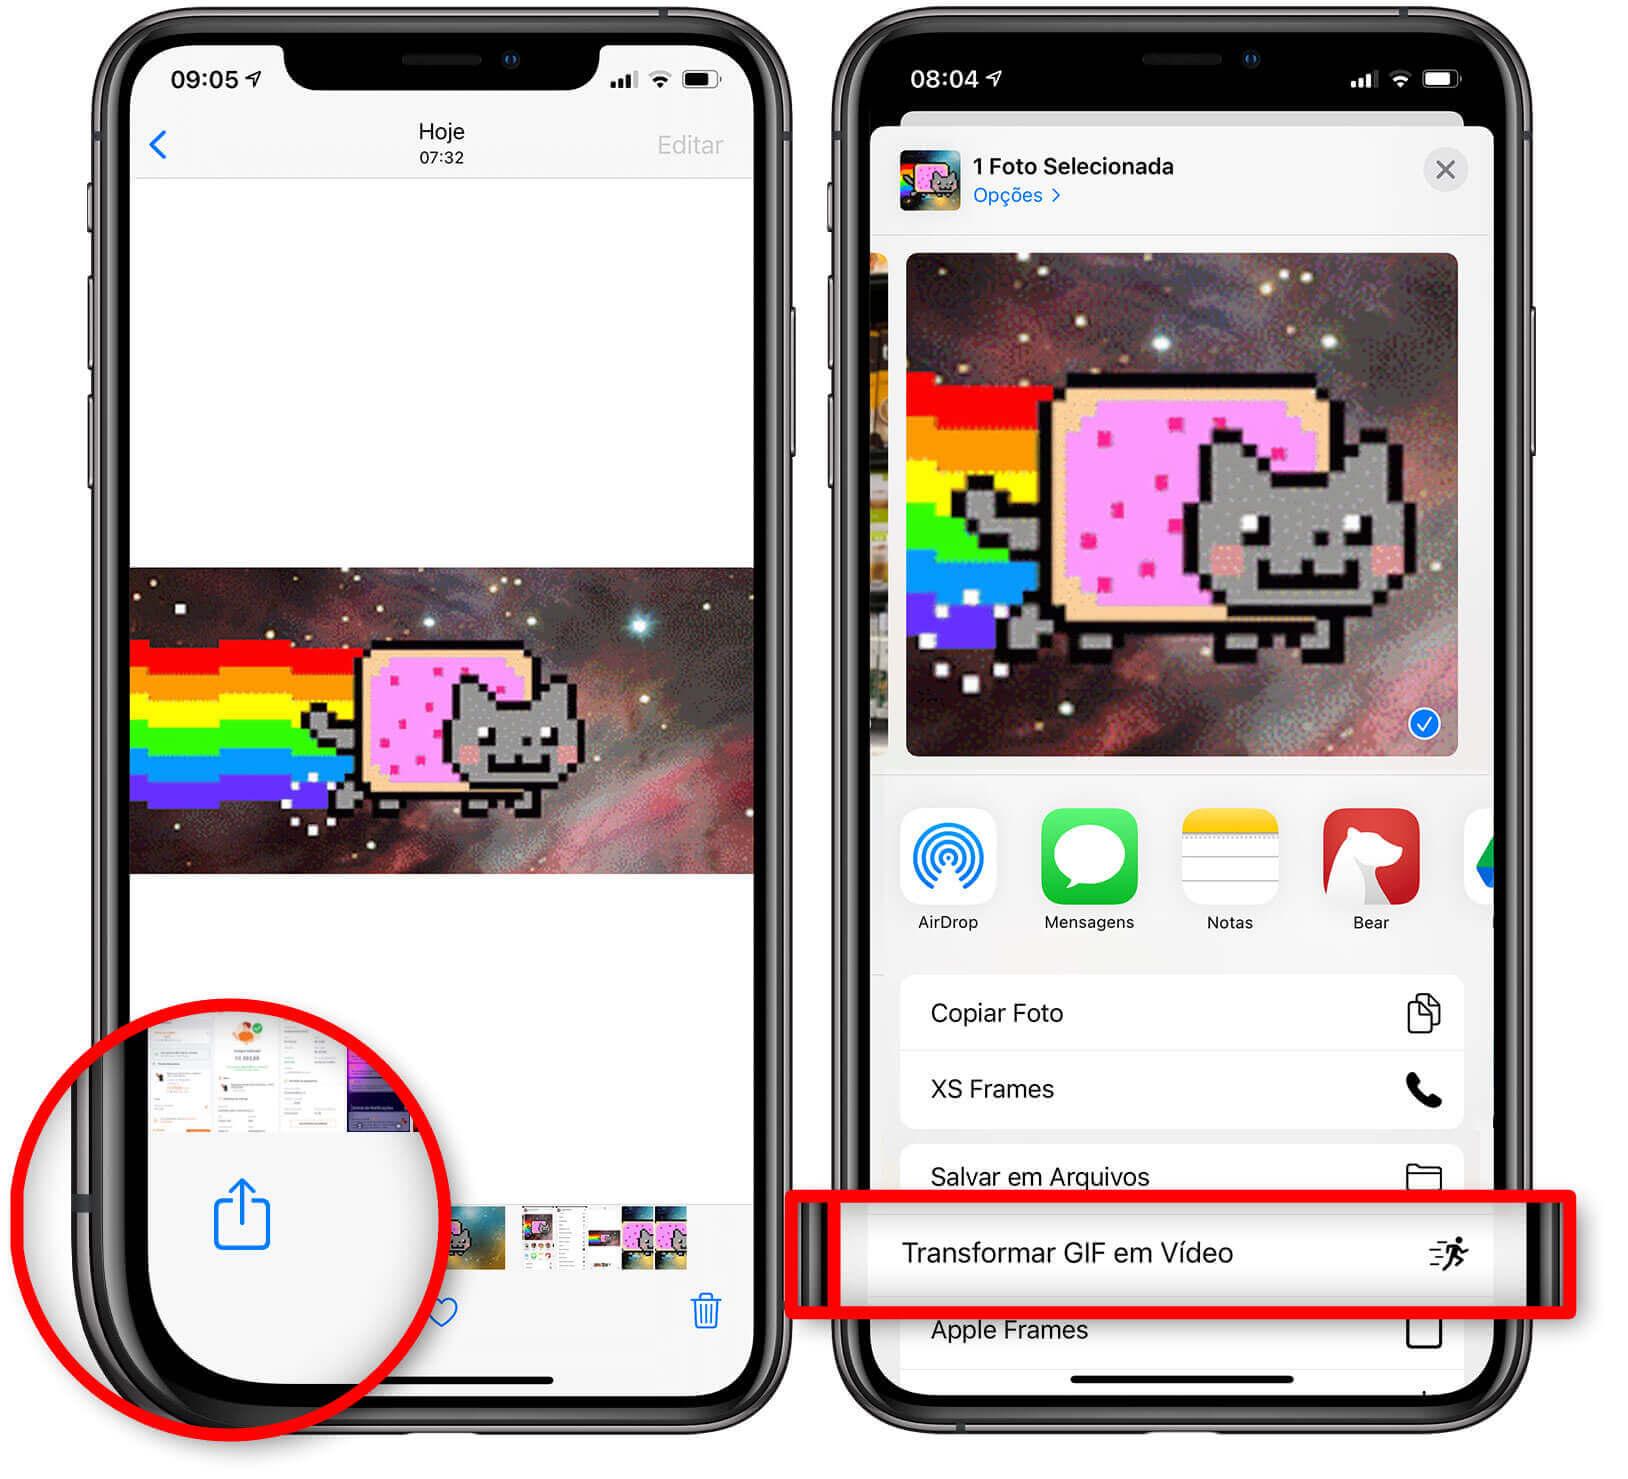 Transforme GIF em vídeo de iPhone